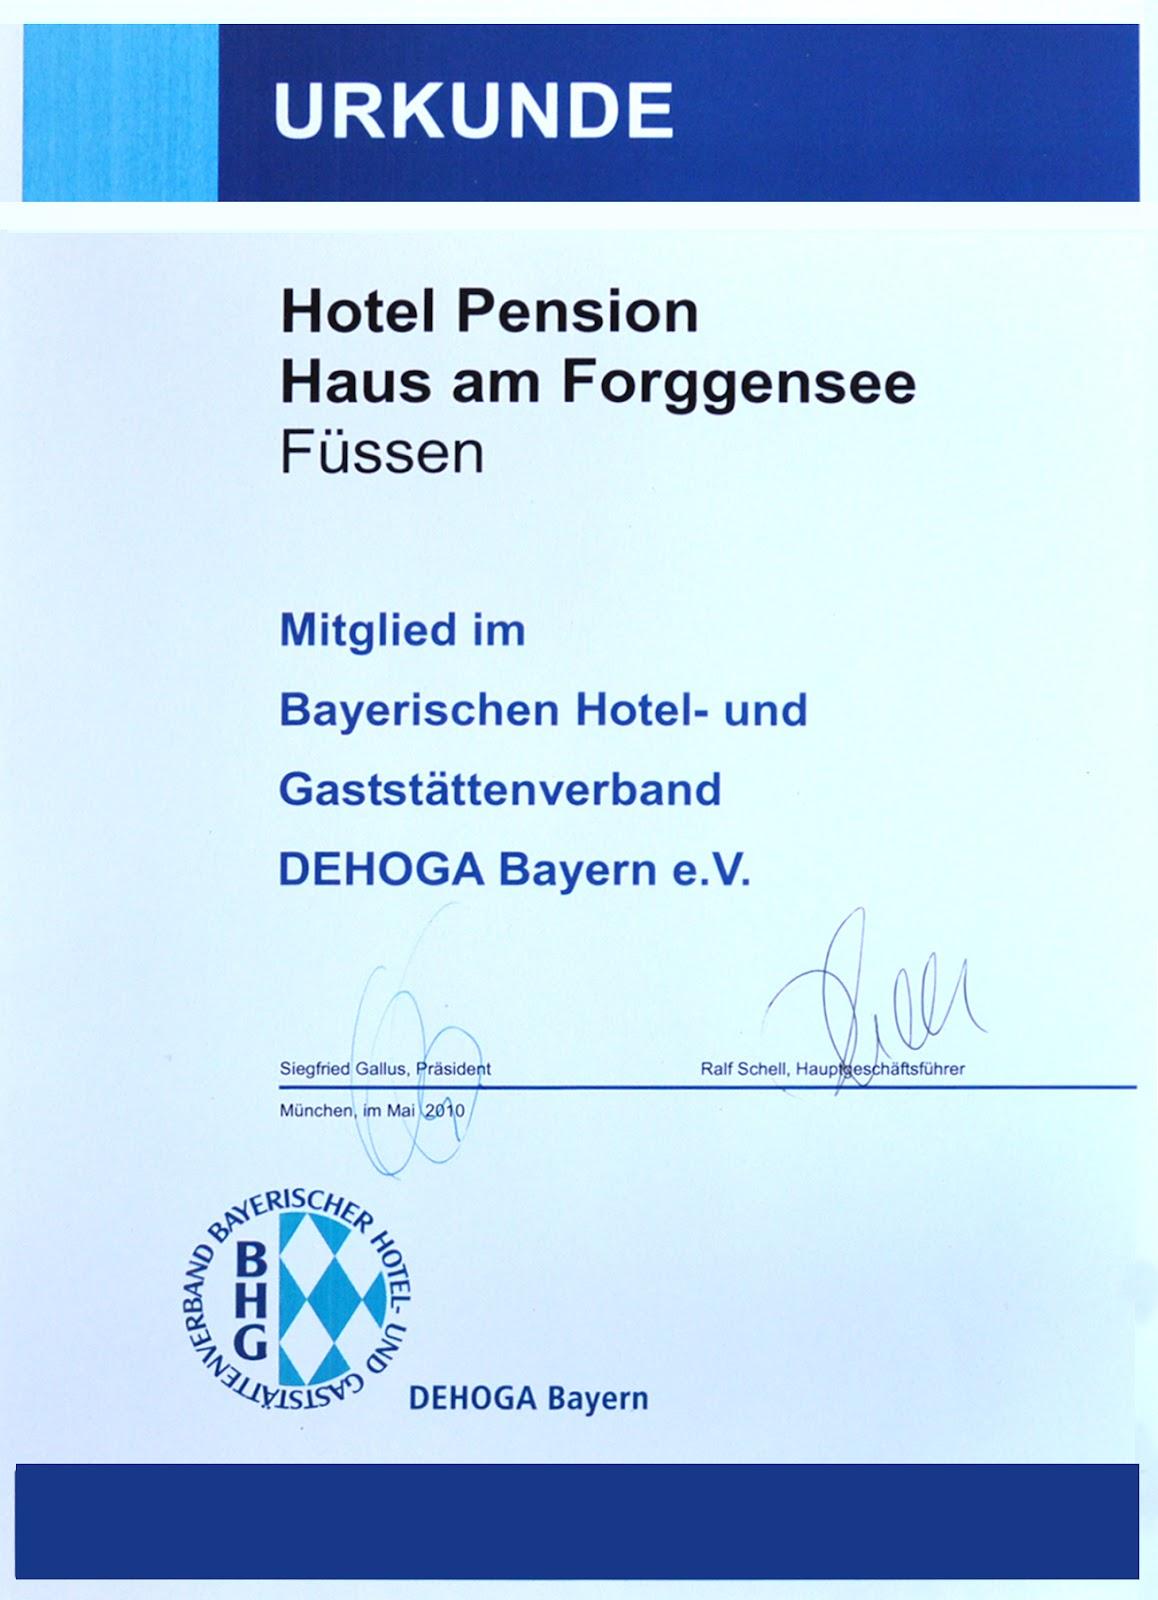 Heidrun vom Bovert Das Gästehaus am Forggensee